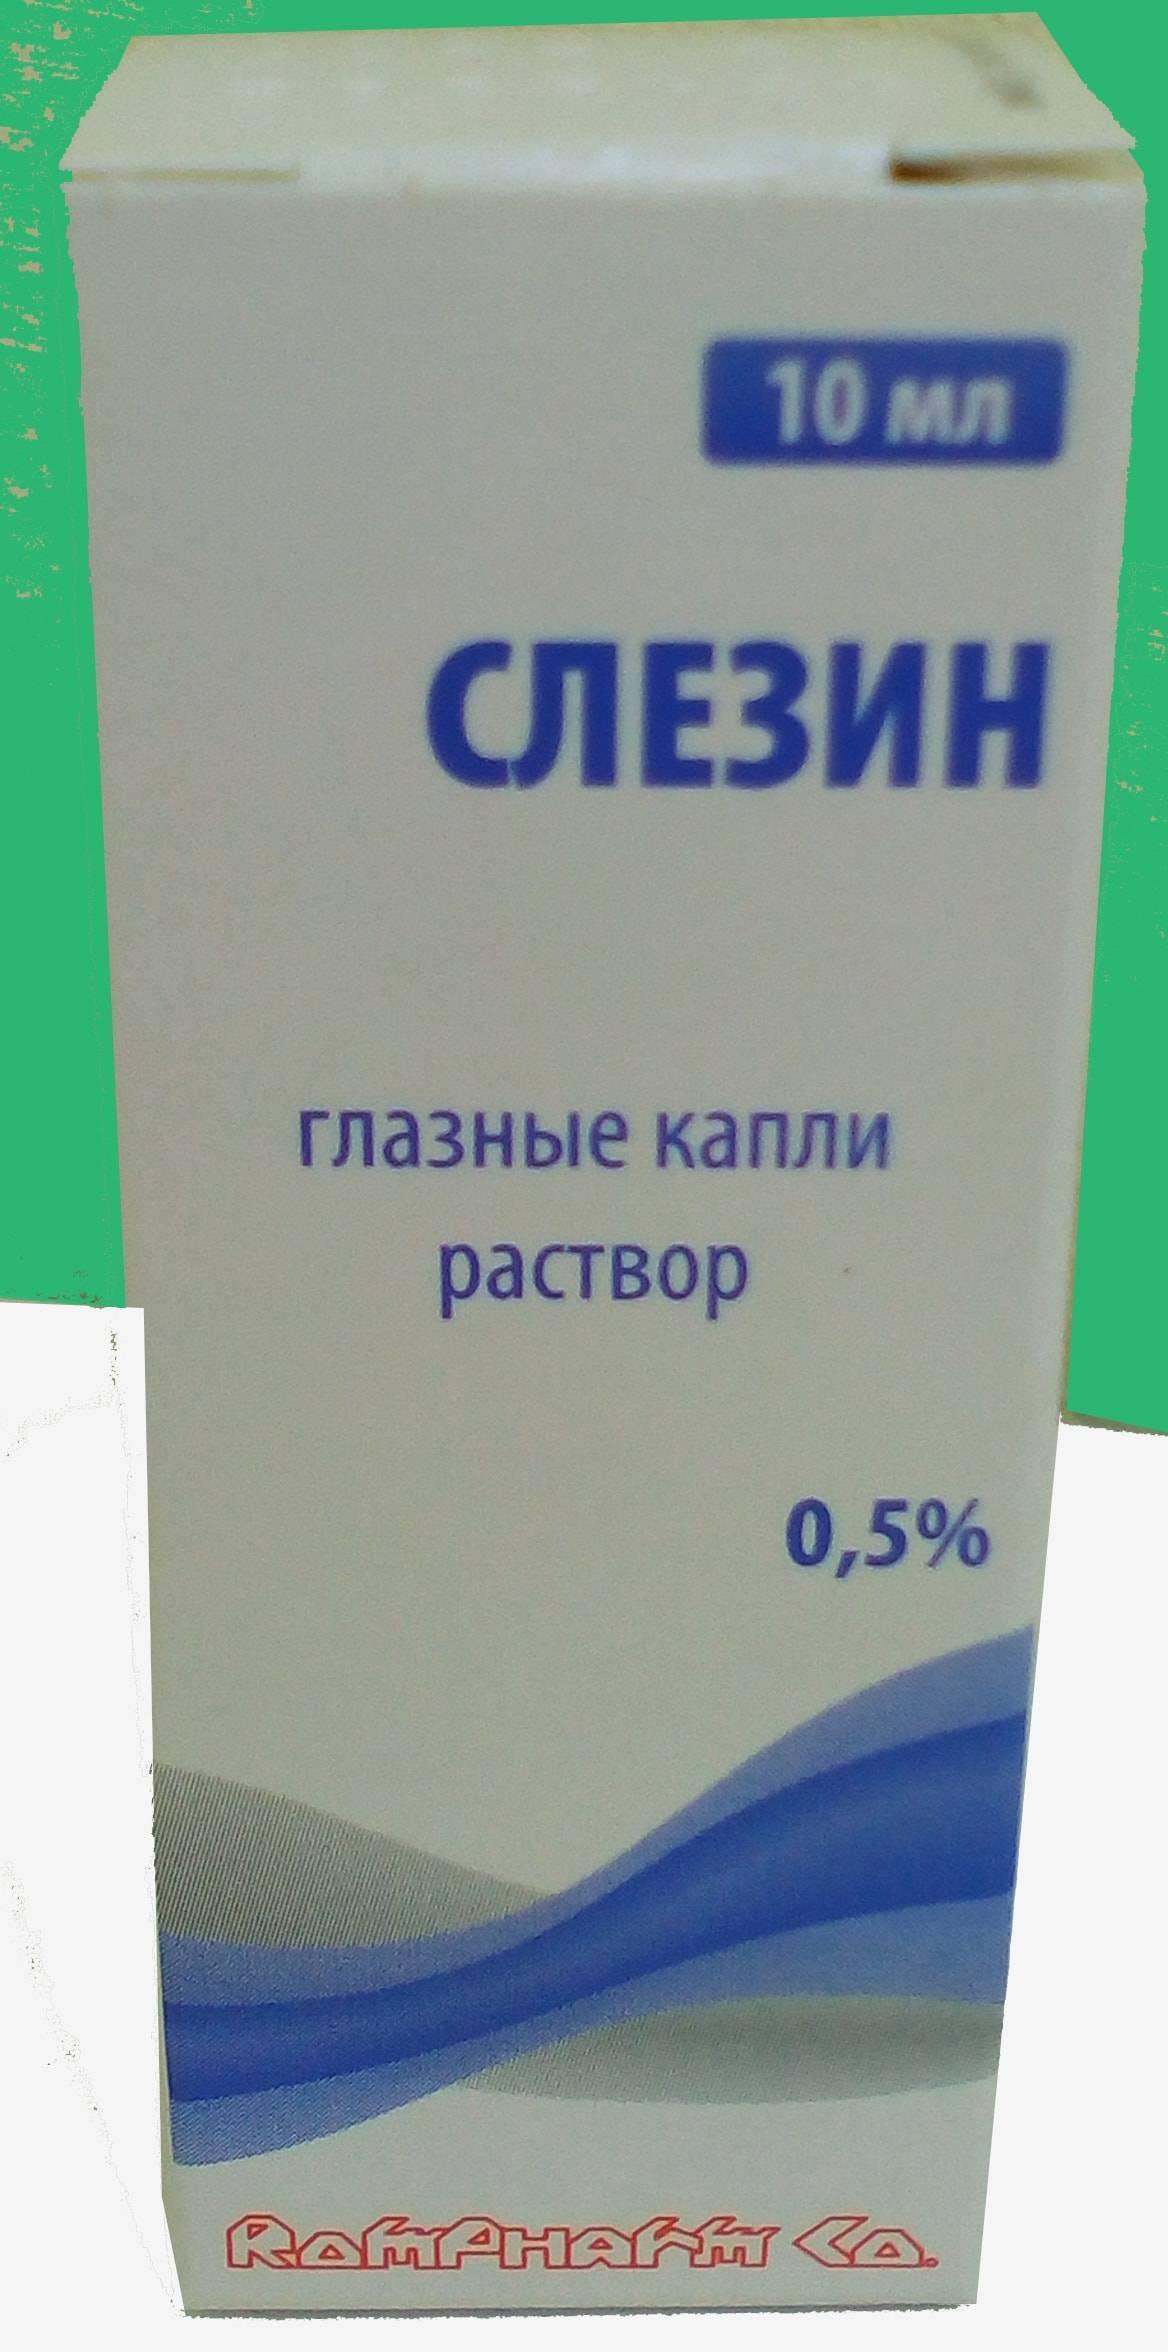 Эффективность глазных капель слезин